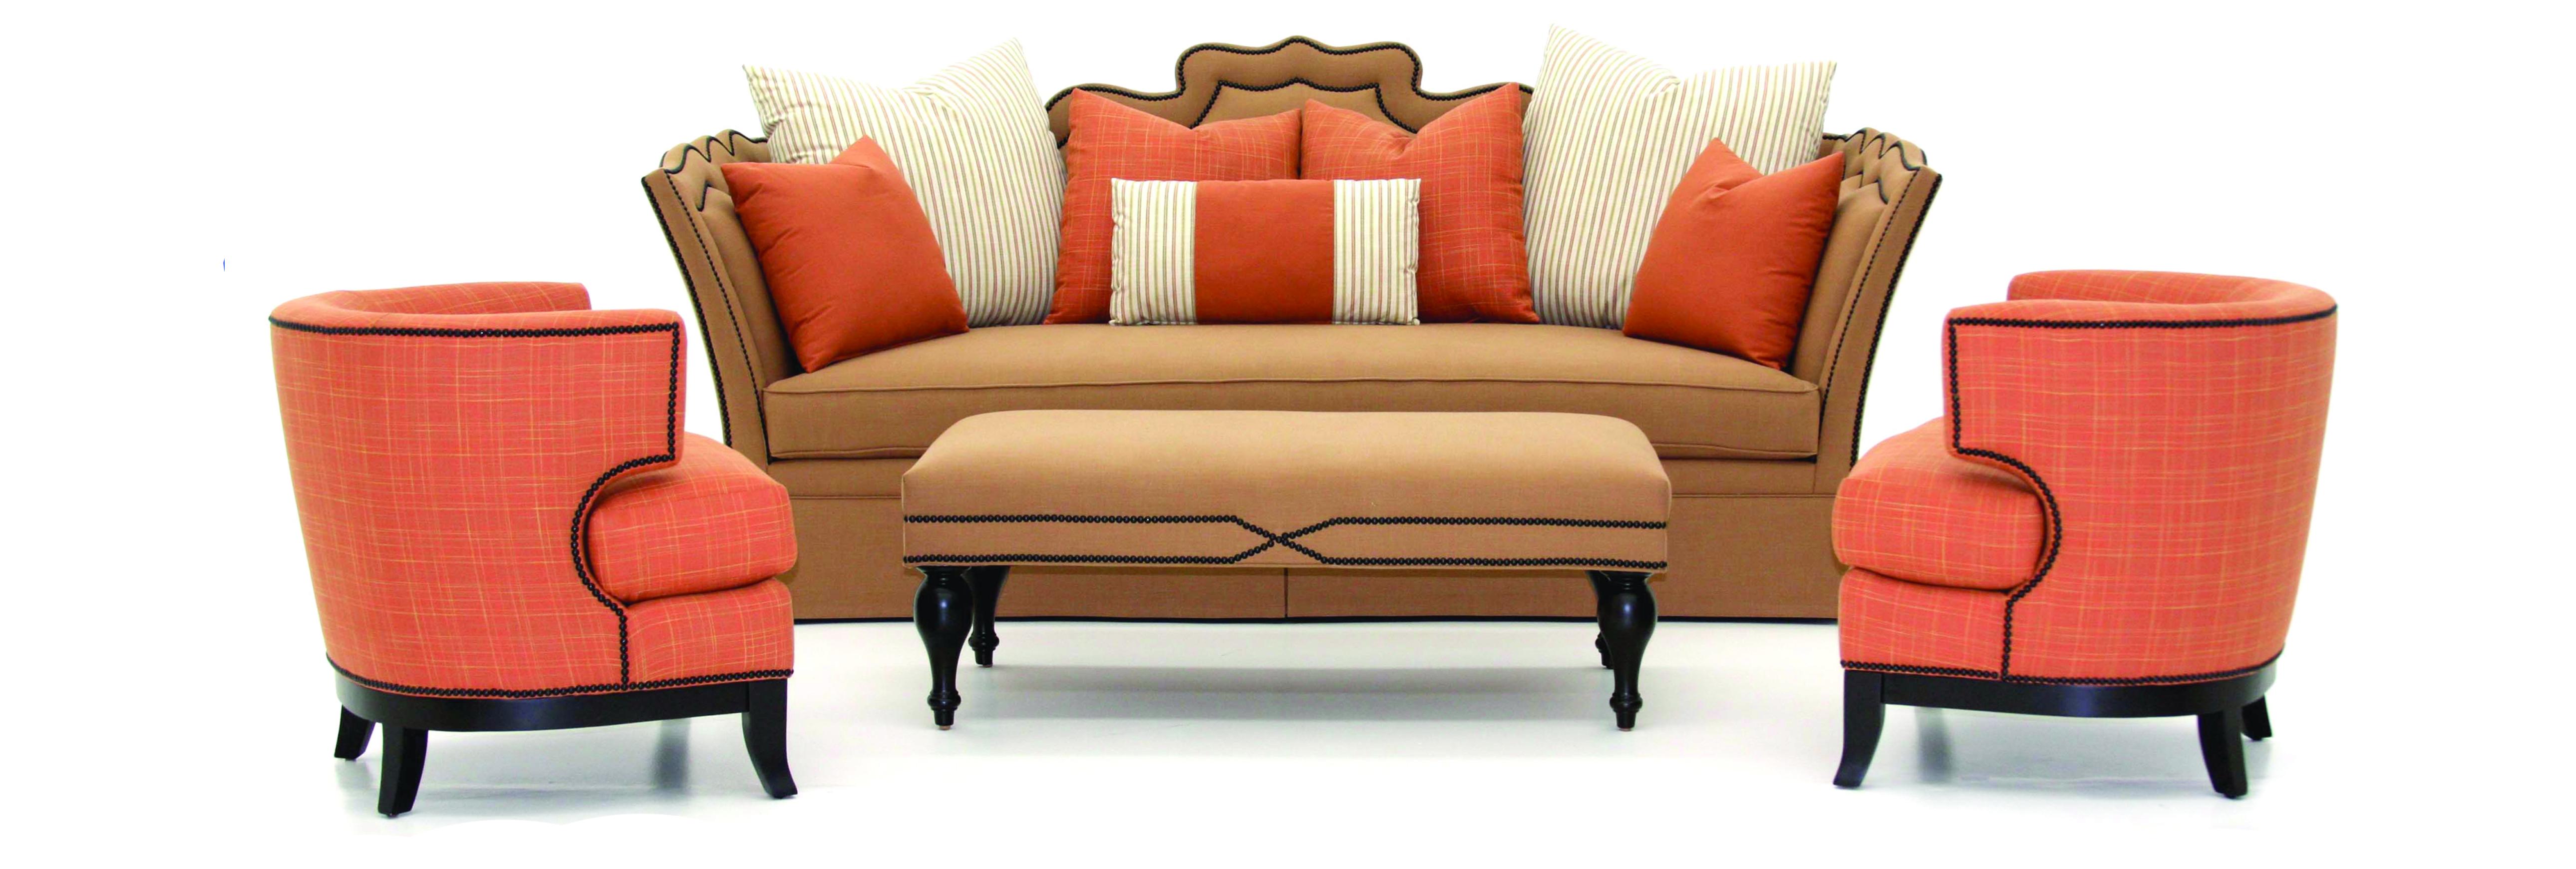 furniture  clipground - furniture